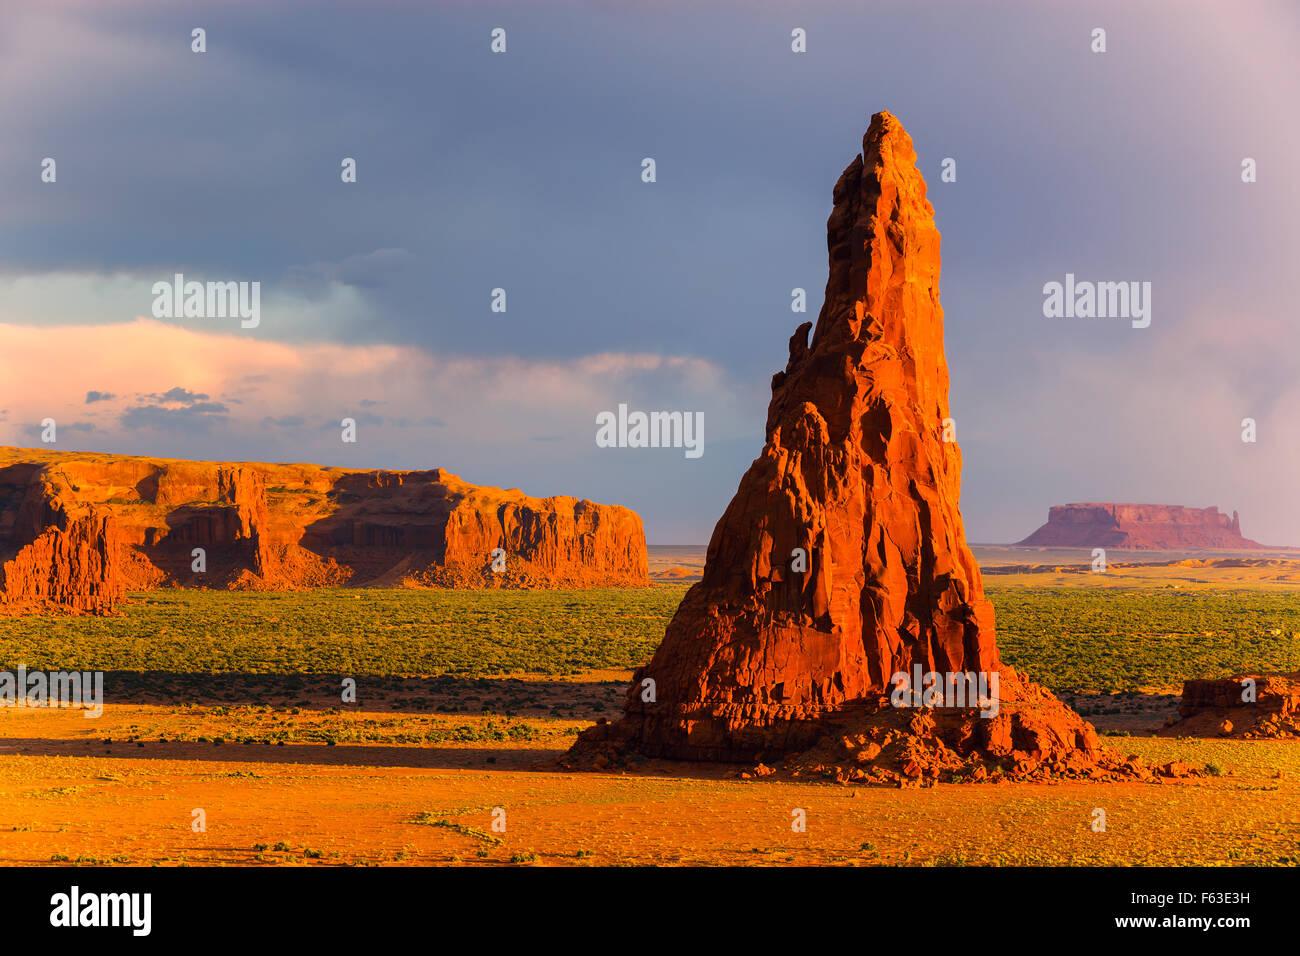 La danse des rochers près de Rock Point dans la réserve Navajo dans le nord de l'Arizona, USA Photo Stock